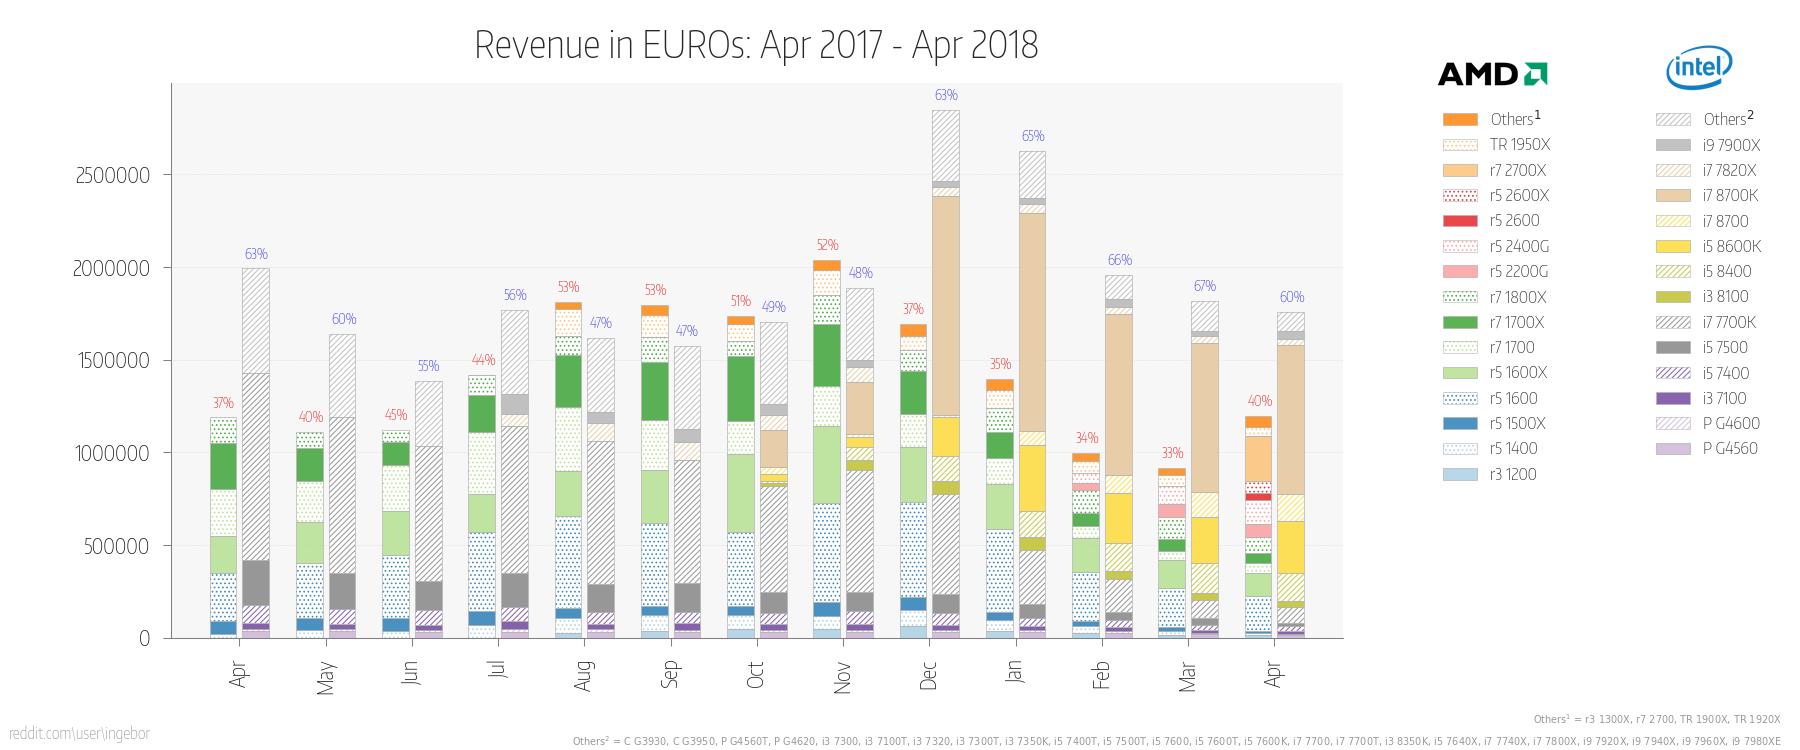 Sprzedaż procesorów w kwietniu 2018 - wzrost udziałów AMD